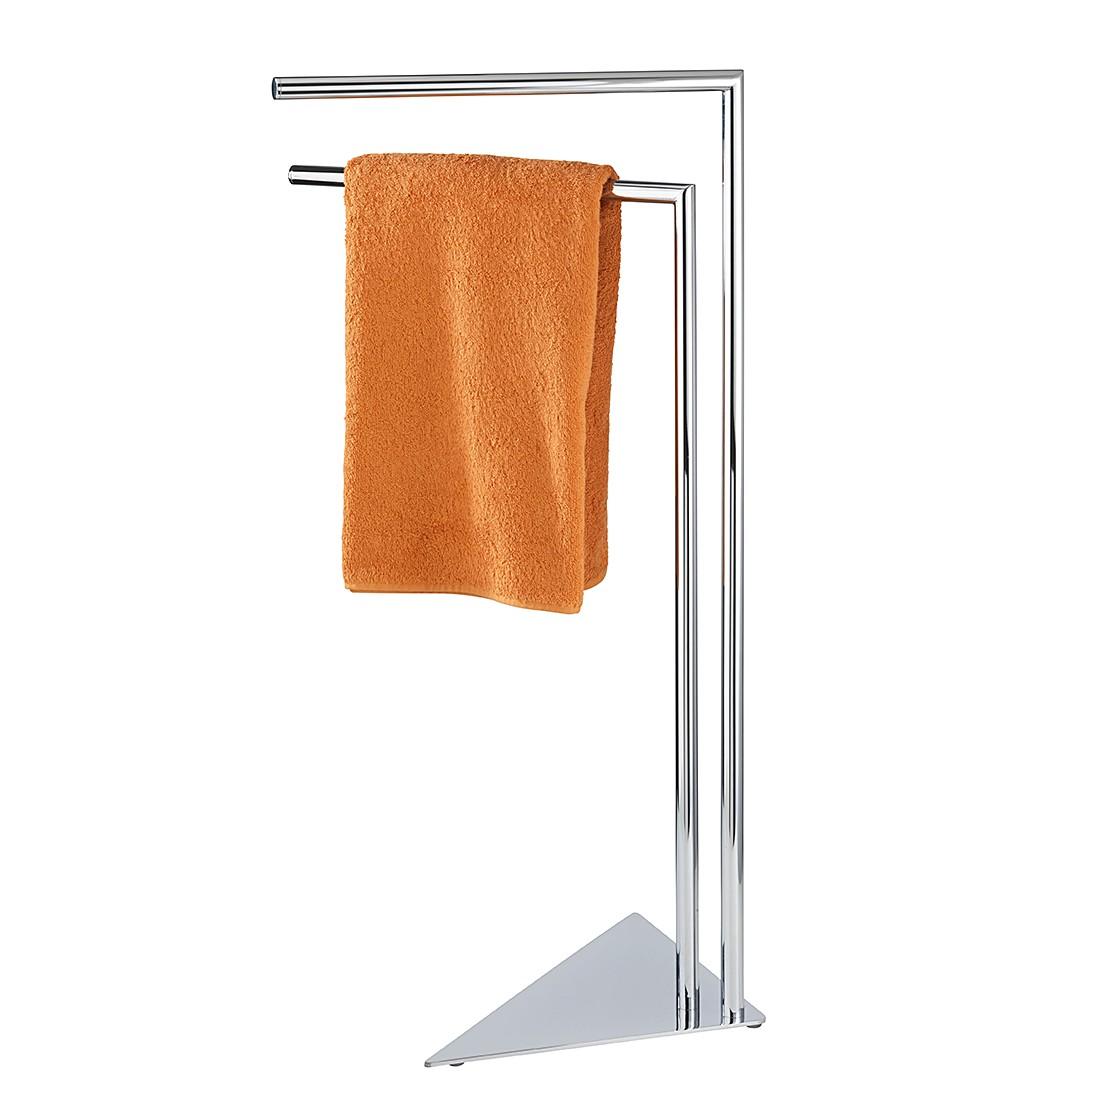 Handtuchständer Torre – Silber glänzend, WENKO online bestellen